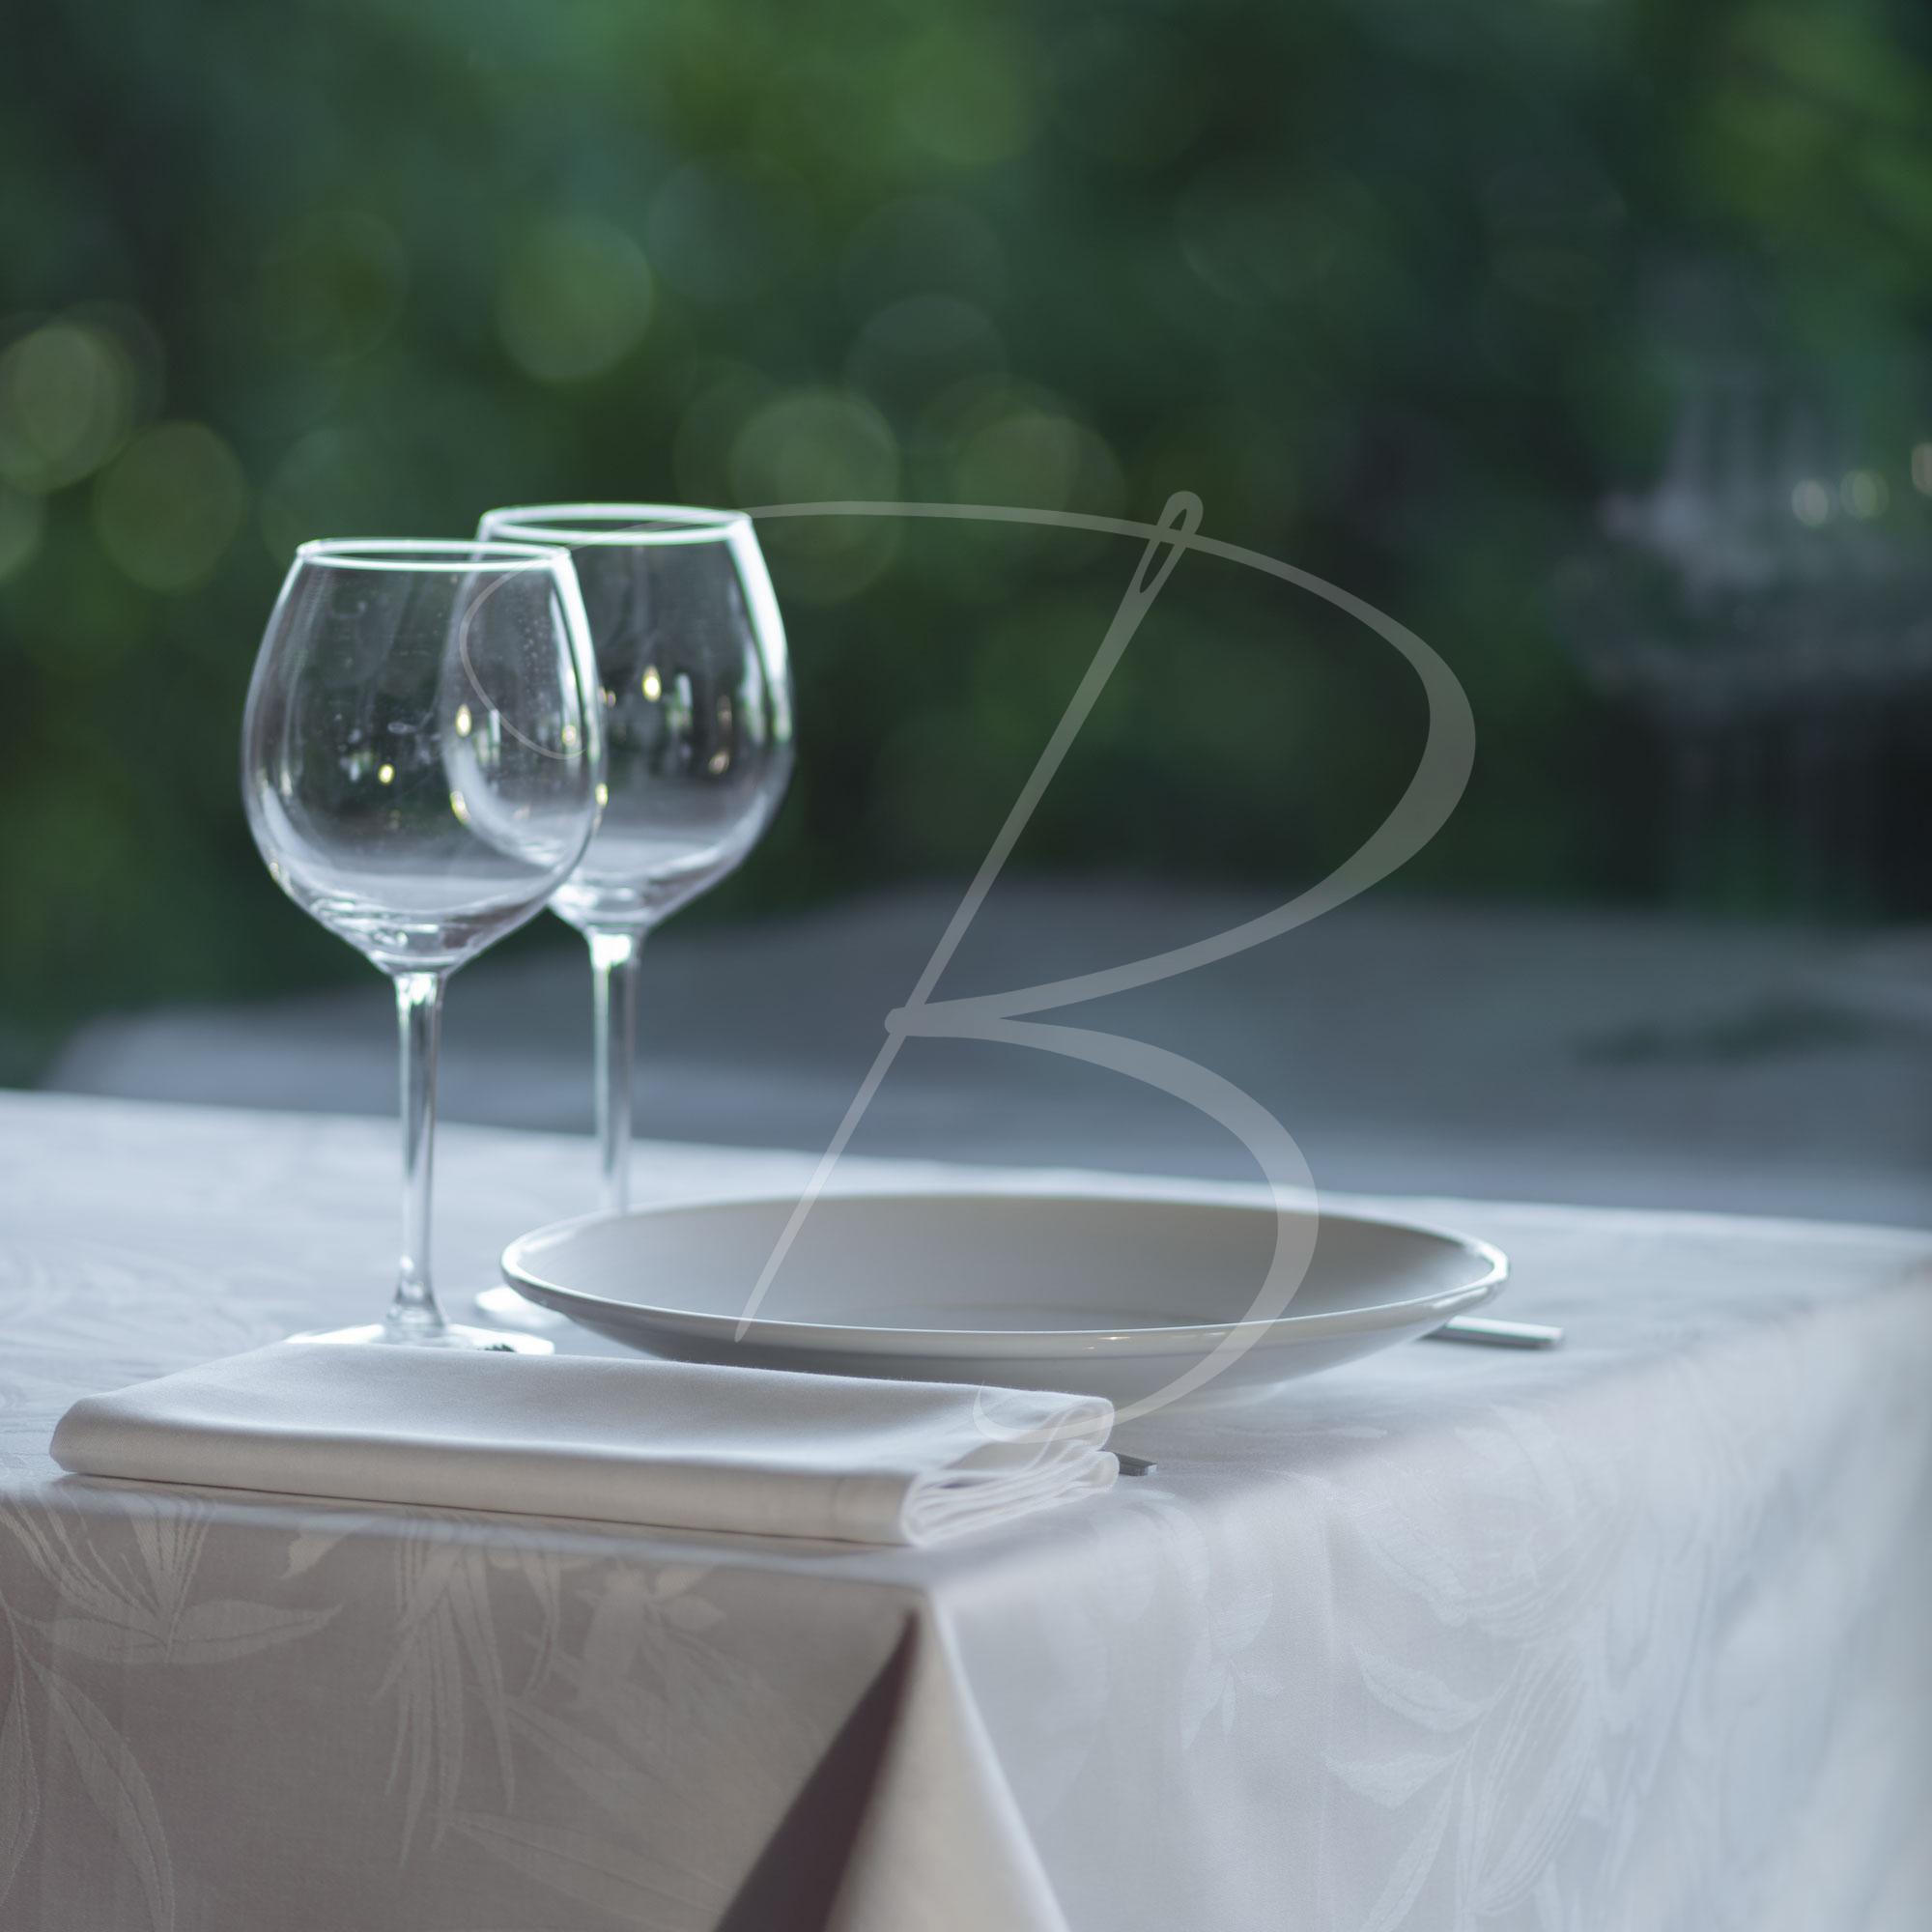 linge-table-st-joseph-jacquard